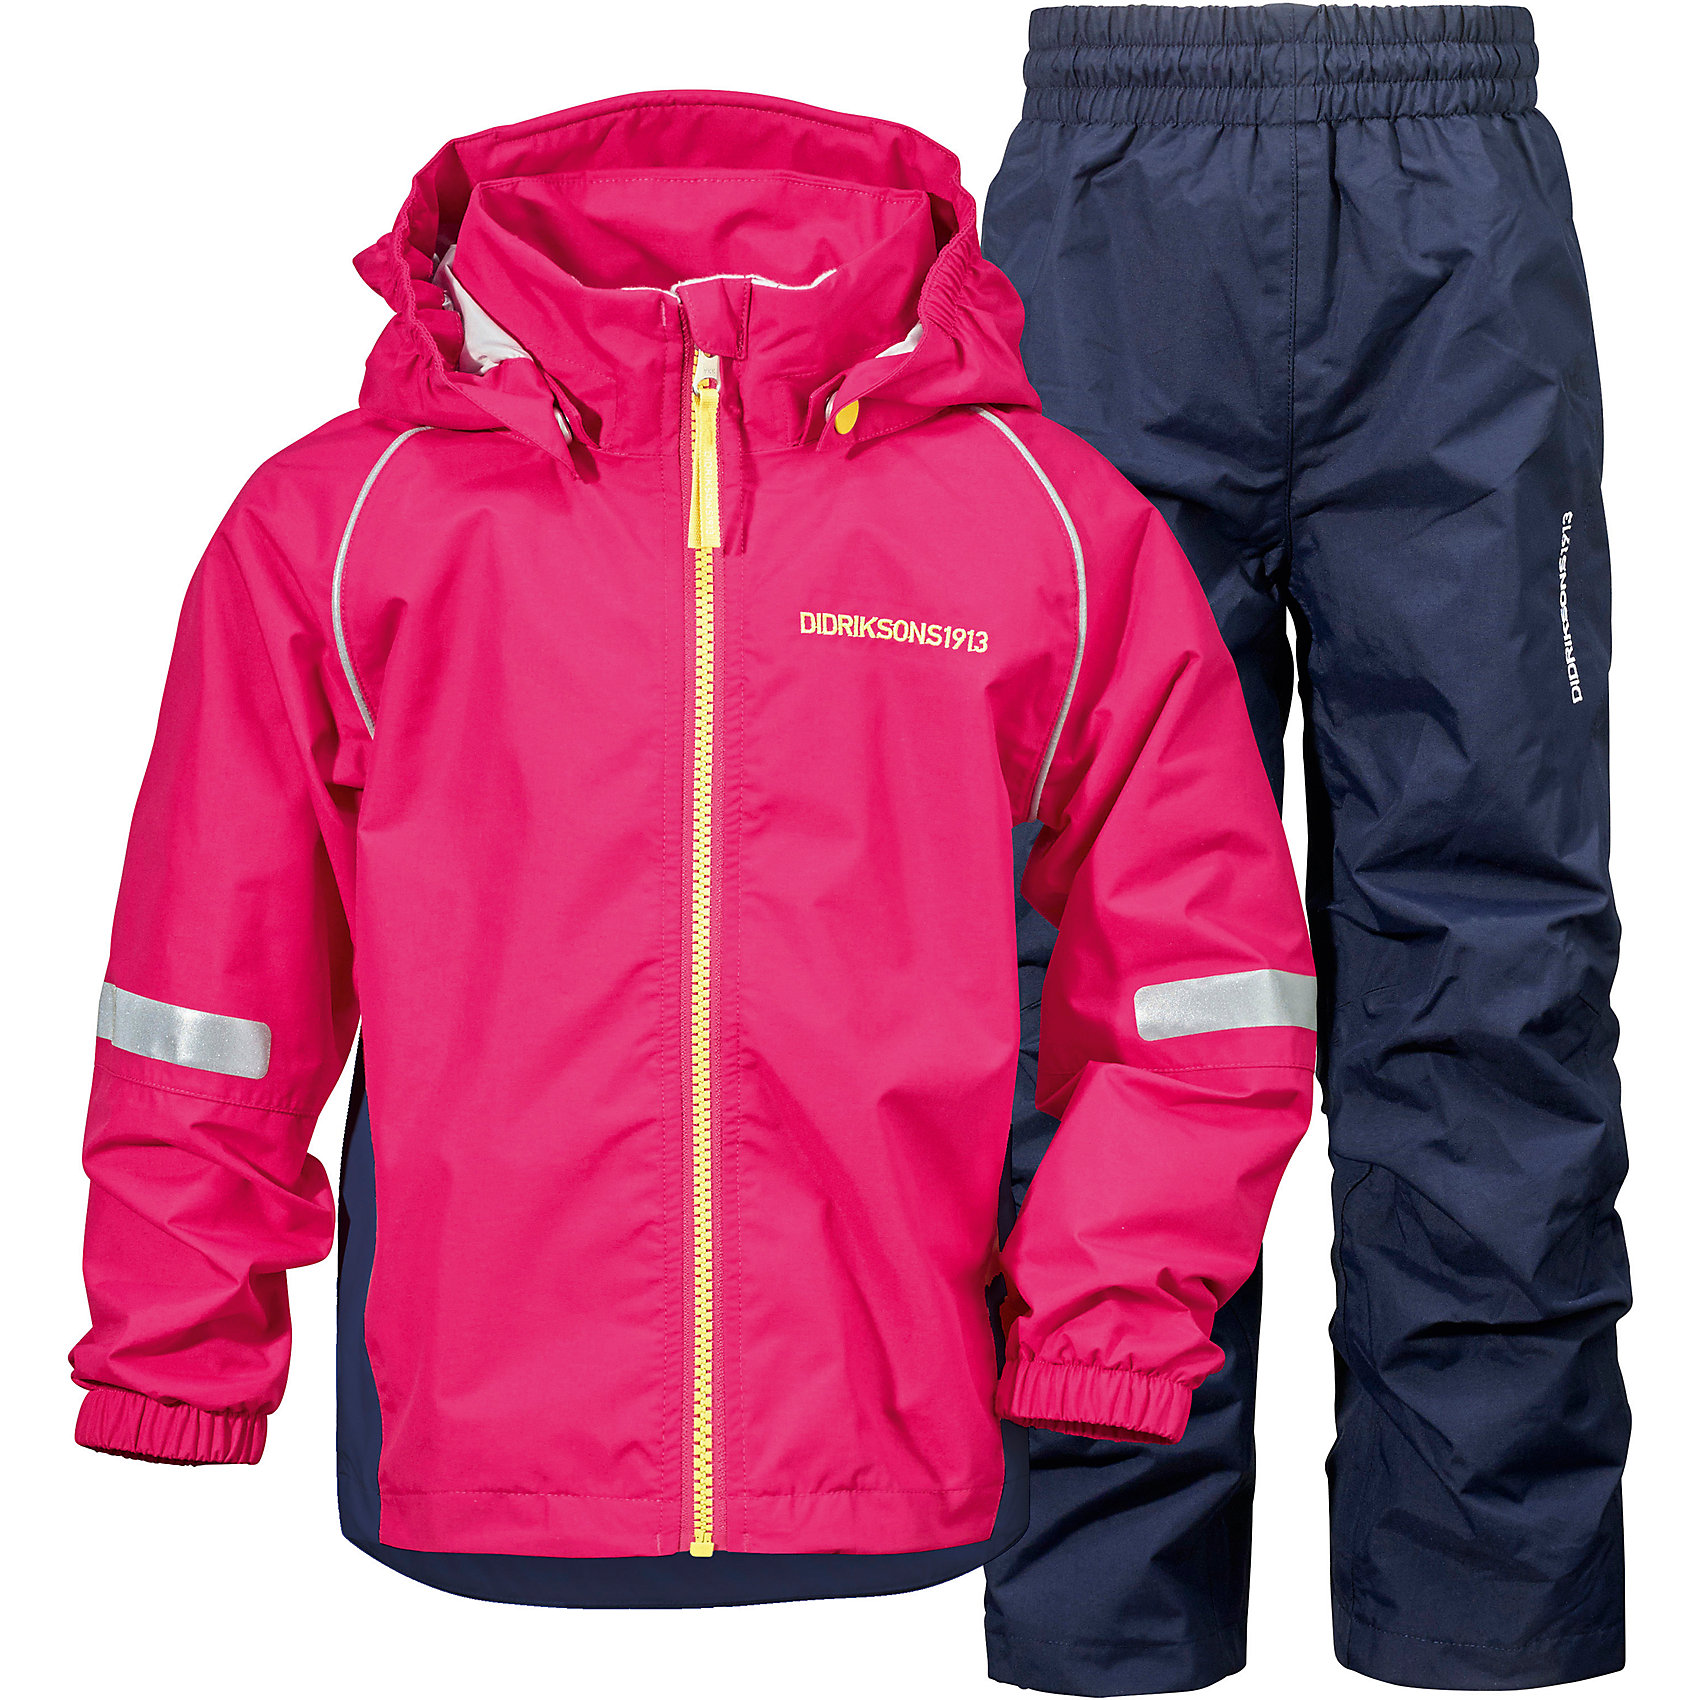 Комплект ZVORO для девочки DIDRIKSONSВерхняя одежда<br>Костюм  из непромокаемой и непродуваемой мембранной ткани. Все швы проклеены, что обеспечивает максимальную защиту от внешней влаги. Подкладка из полиэстера.  Светоотражатели. Модель растет вместе с ребенком: уникальный крой изделия позволяет при необходимости увеличить длину рукавов и штанин на один размер, распустив специальный внутренний шов. Практичная демисезонная модель - идеальный вариант для прогулок на свежем воздухе в весеннюю или осеннюю пору.  <br>Состав:<br>Верх - 100% полиэстер, подкладка - 100% полиэстер<br><br>Ширина мм: 356<br>Глубина мм: 10<br>Высота мм: 245<br>Вес г: 519<br>Цвет: розовый<br>Возраст от месяцев: 96<br>Возраст до месяцев: 108<br>Пол: Женский<br>Возраст: Детский<br>Размер: 130,80,120,140<br>SKU: 5527238